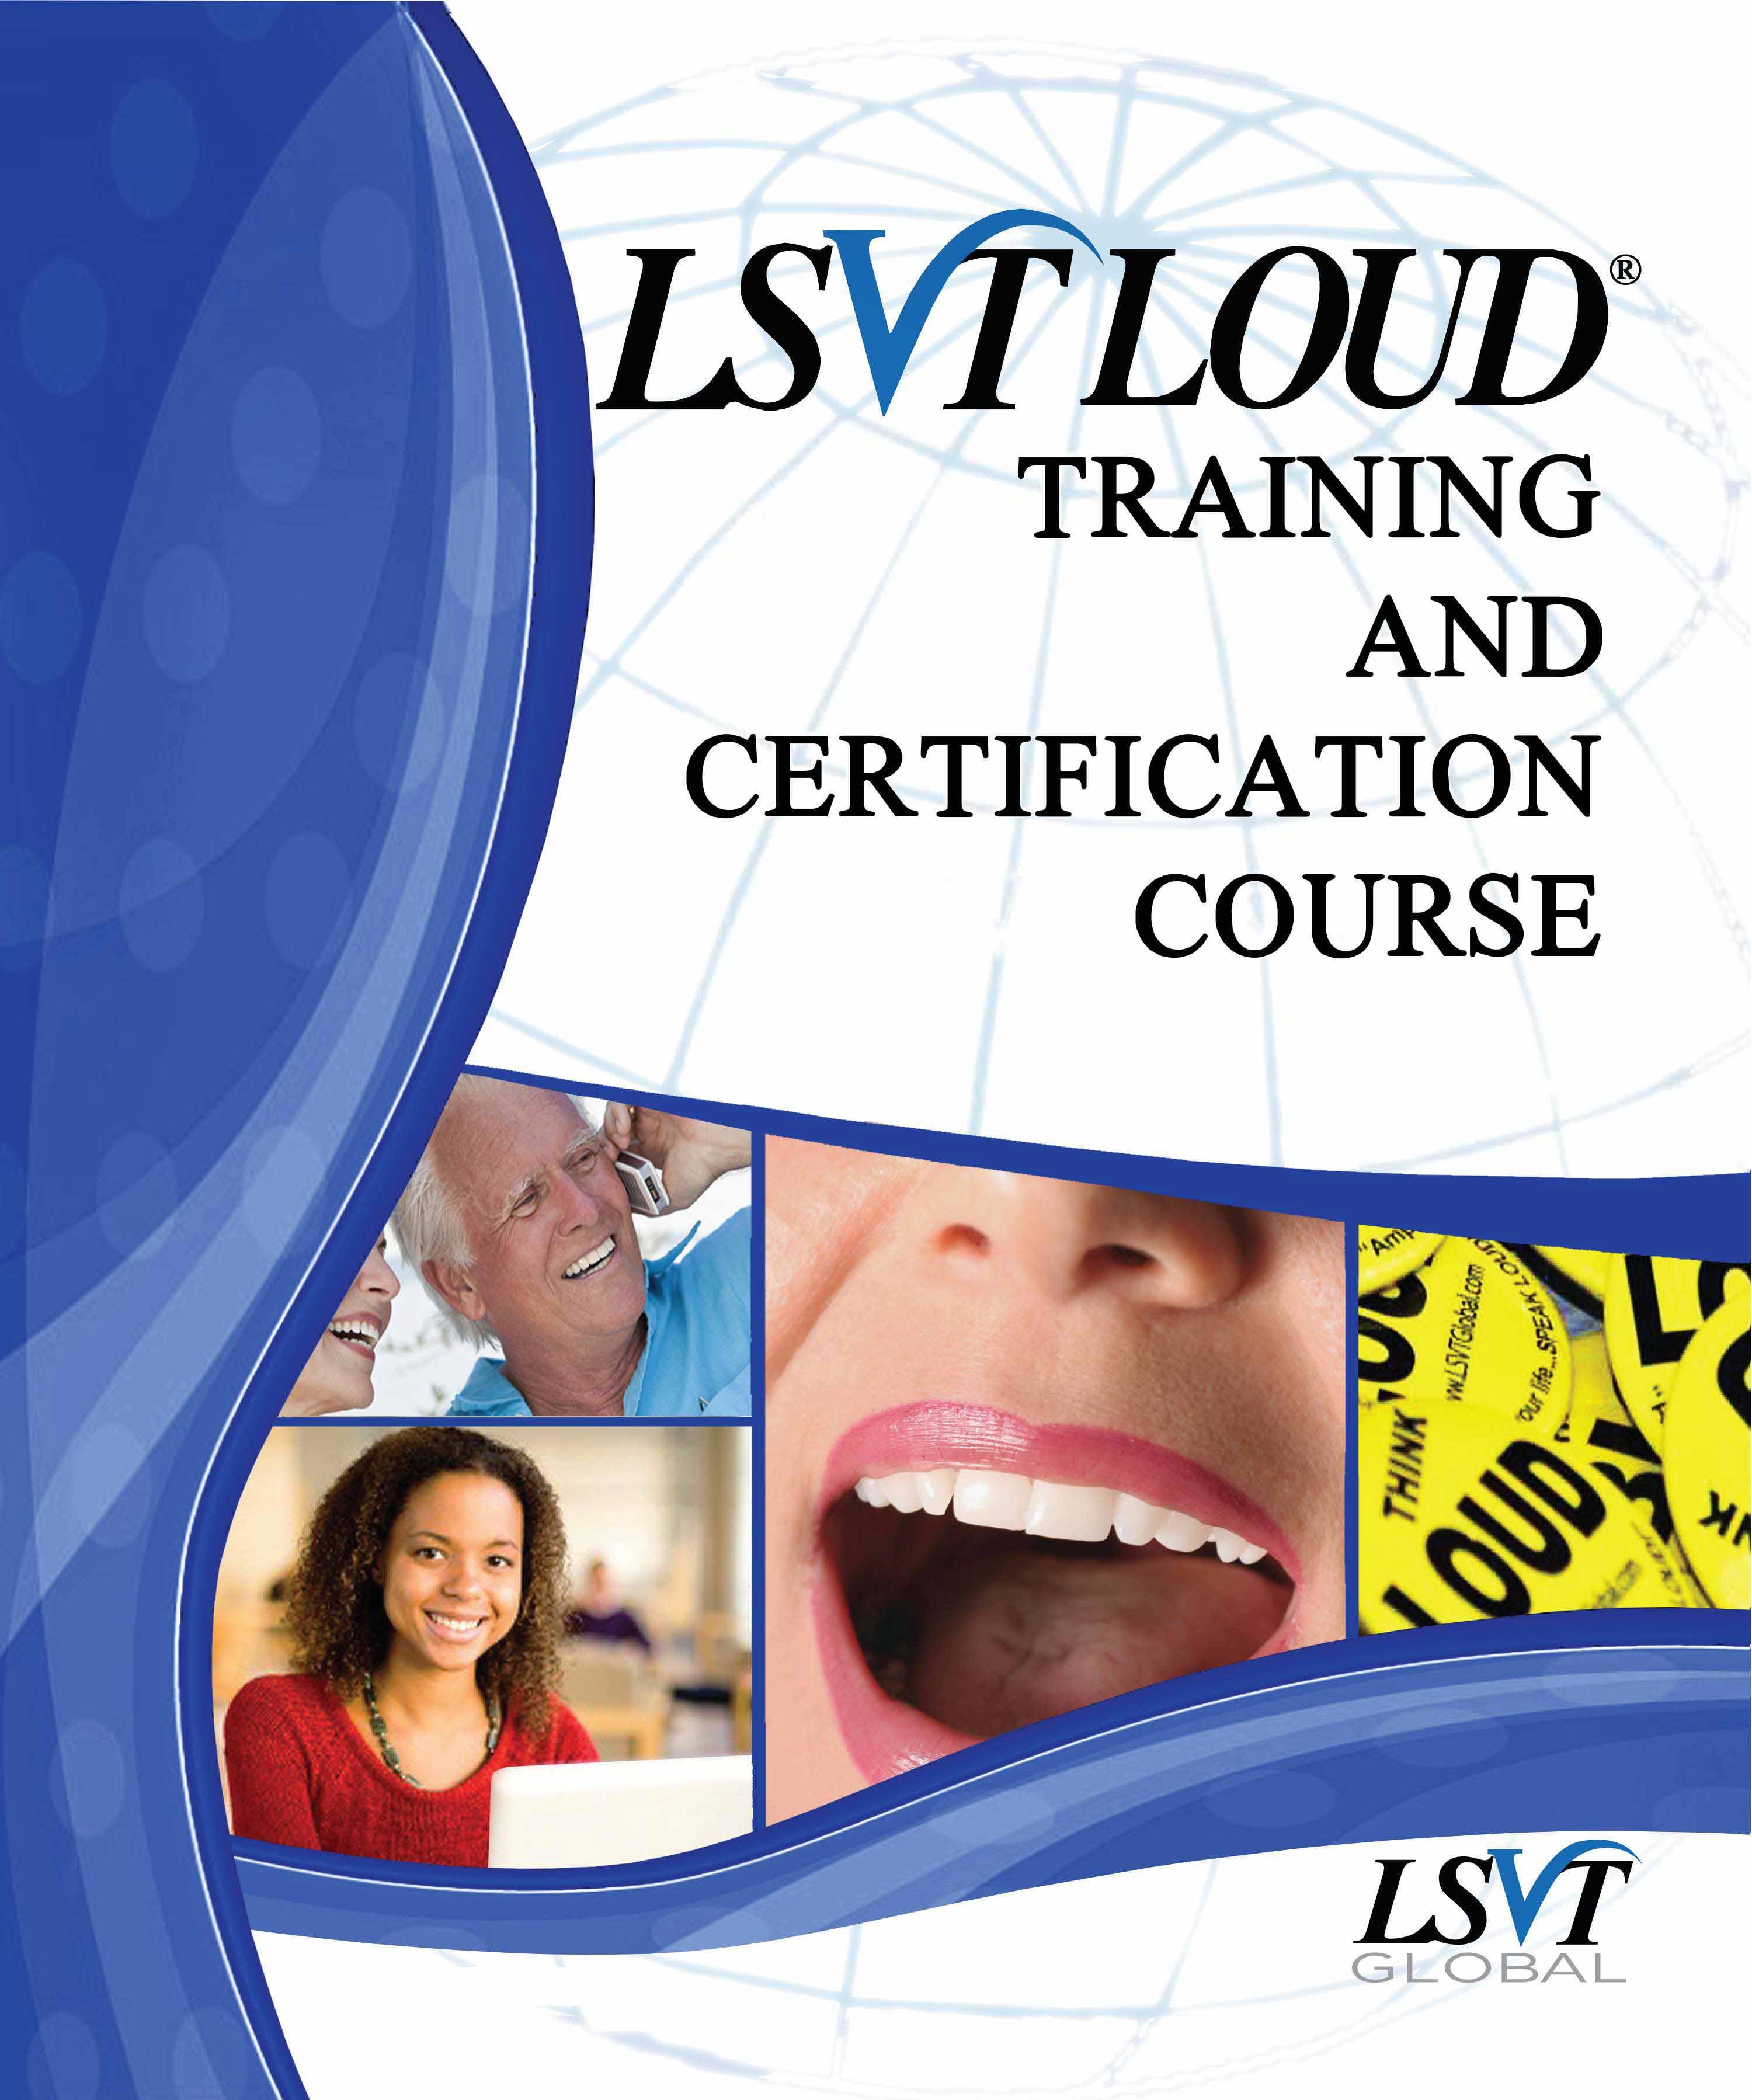 Lsvt Courses